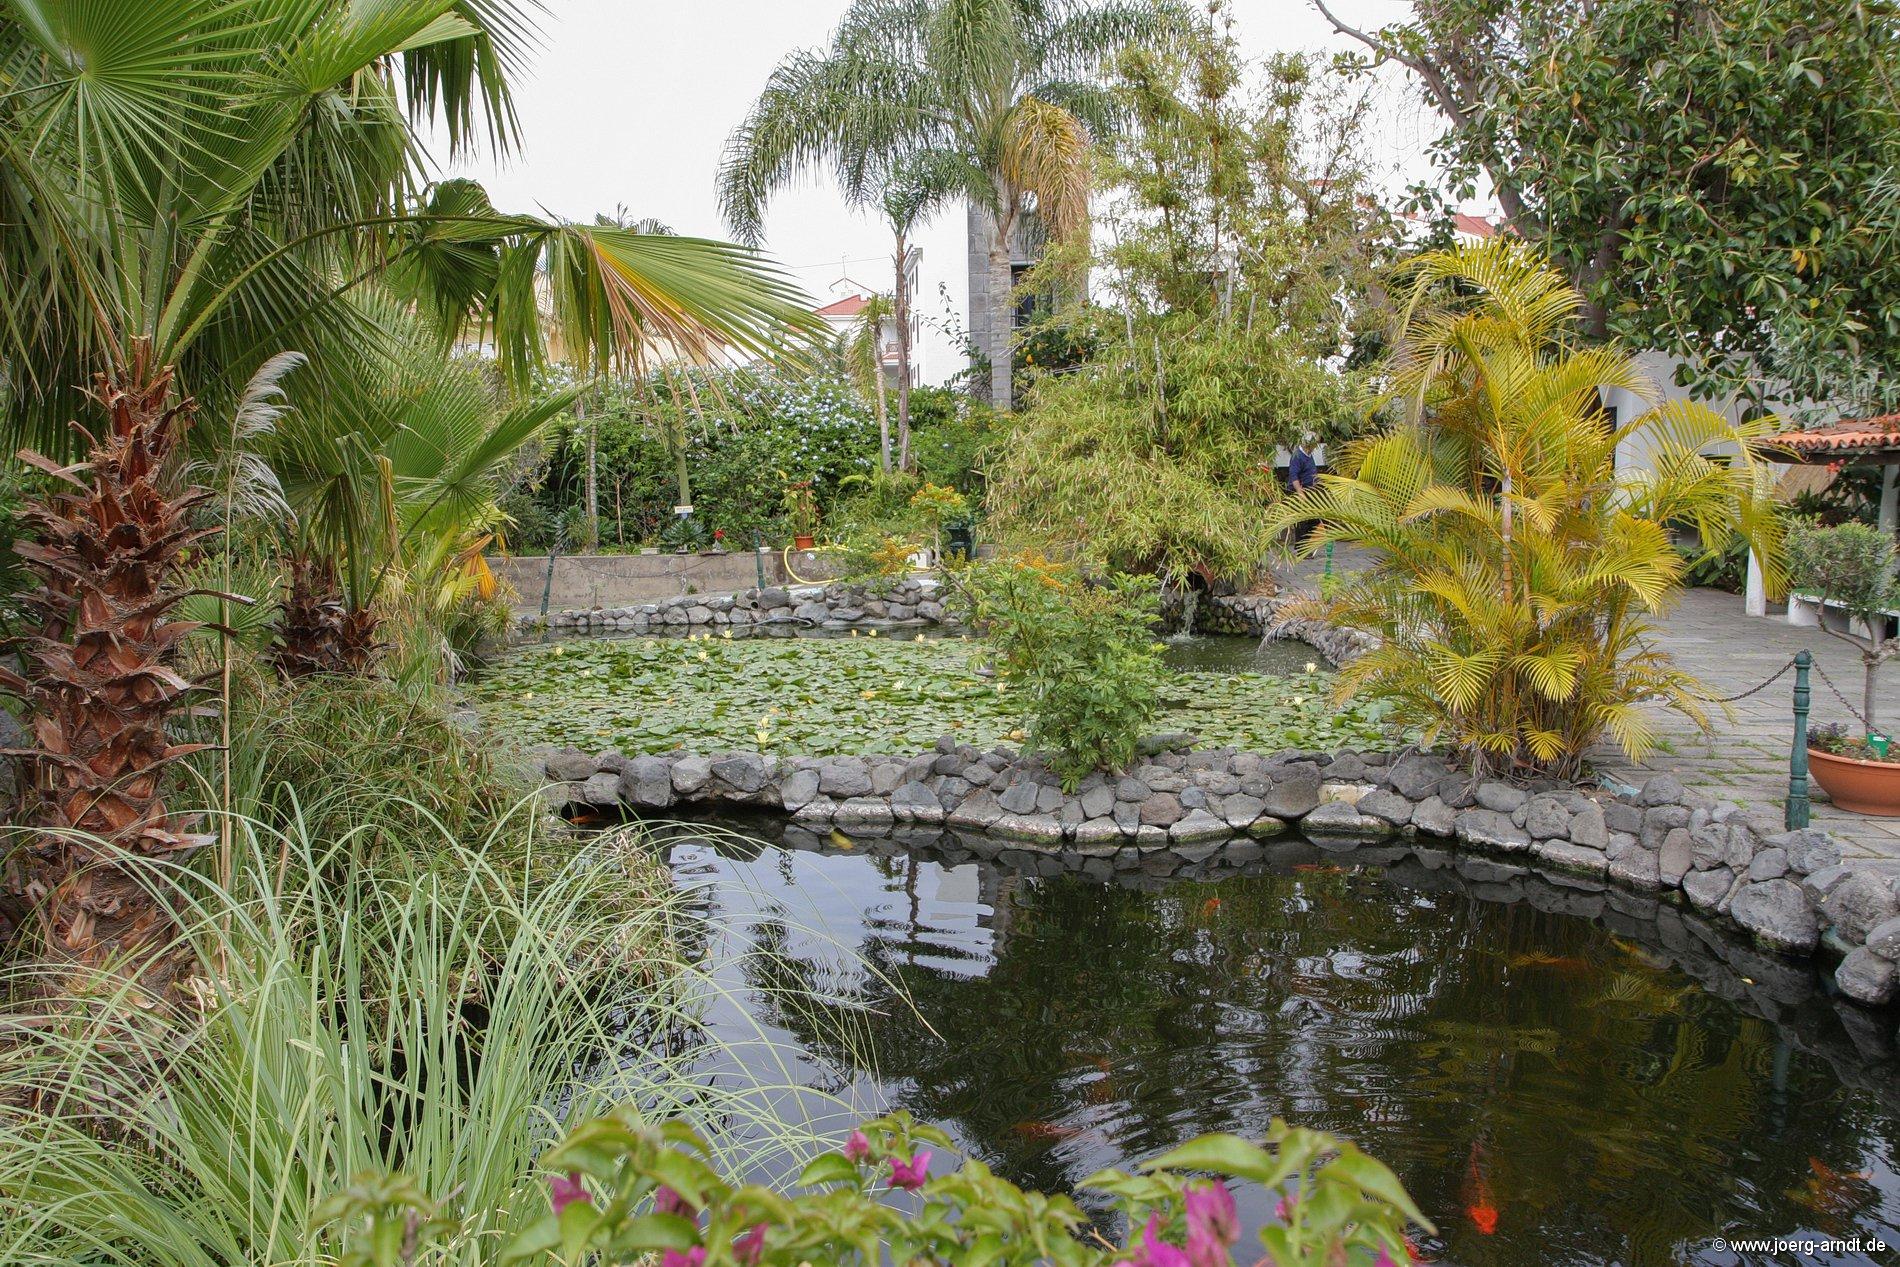 Bilder aus dem Garten Sitio Litre in Puerto de la Cruz.